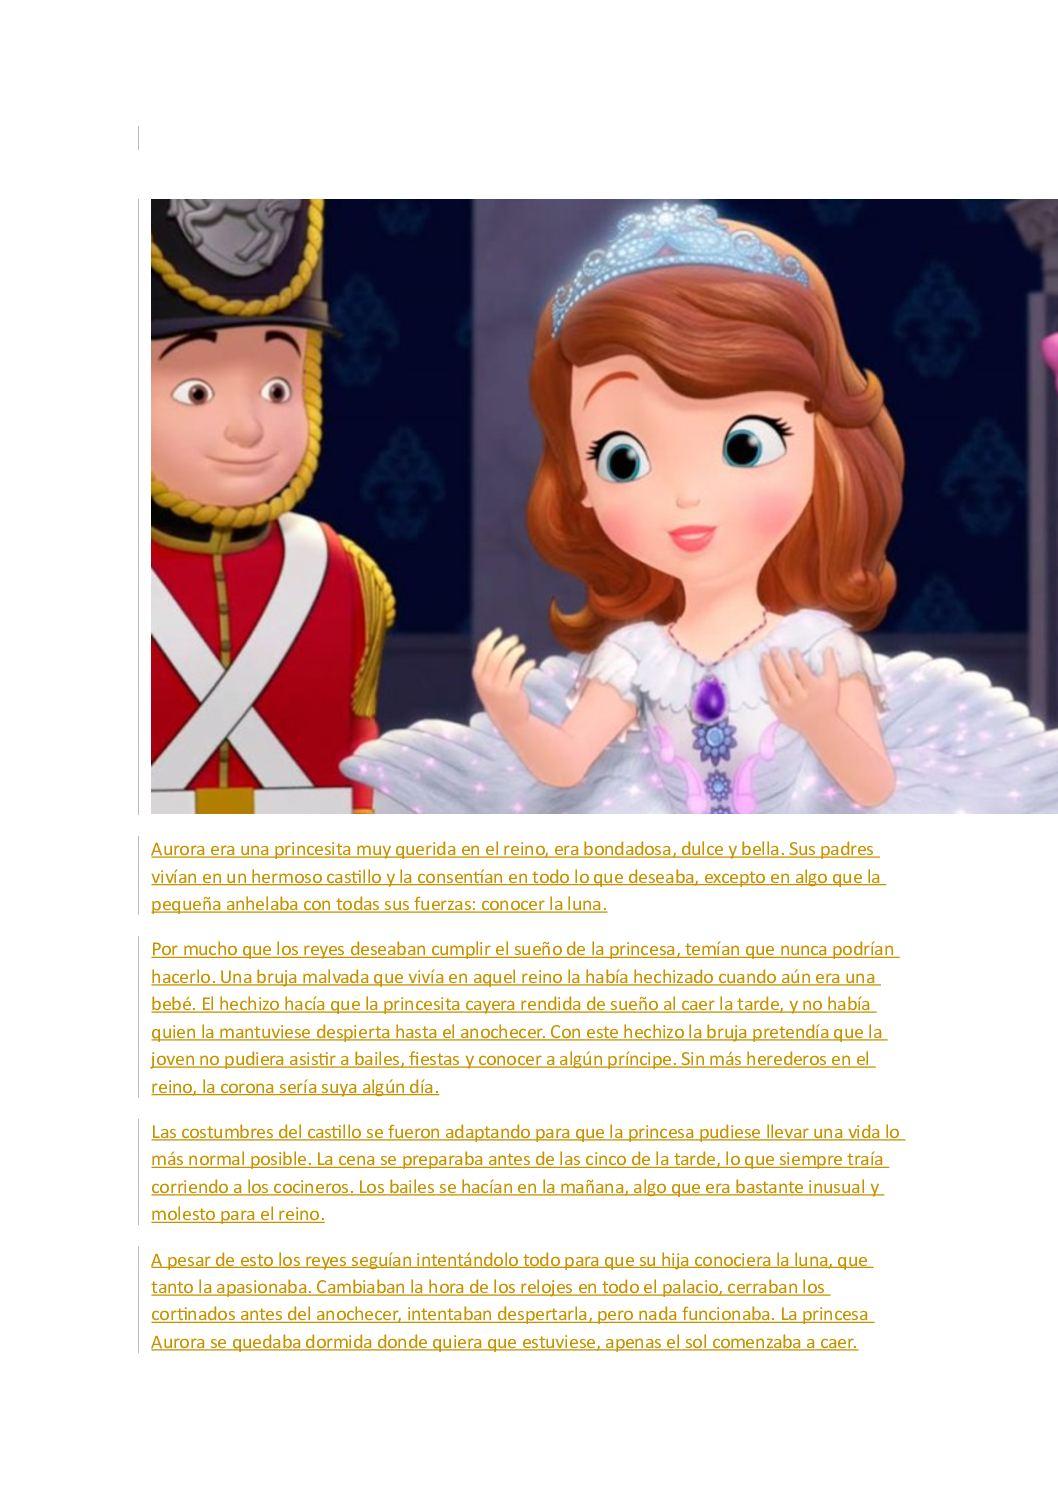 Calaméo Aurora Era Una Princesita Muy Querida En El Reino